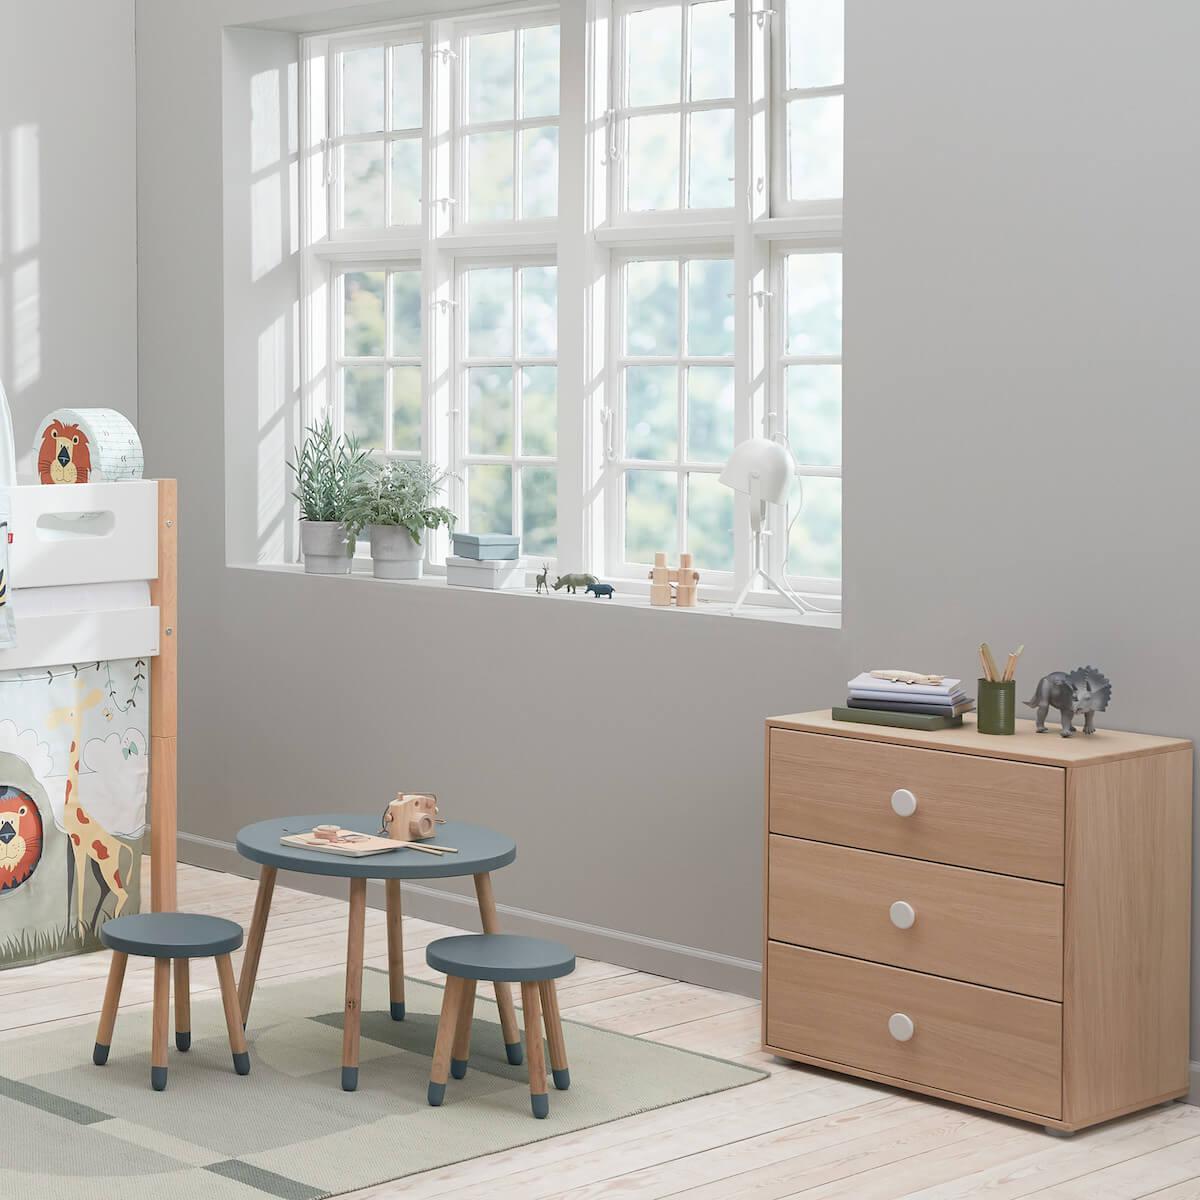 Commode 3 tiroirs POPSICLE Flexa chêne-blanc